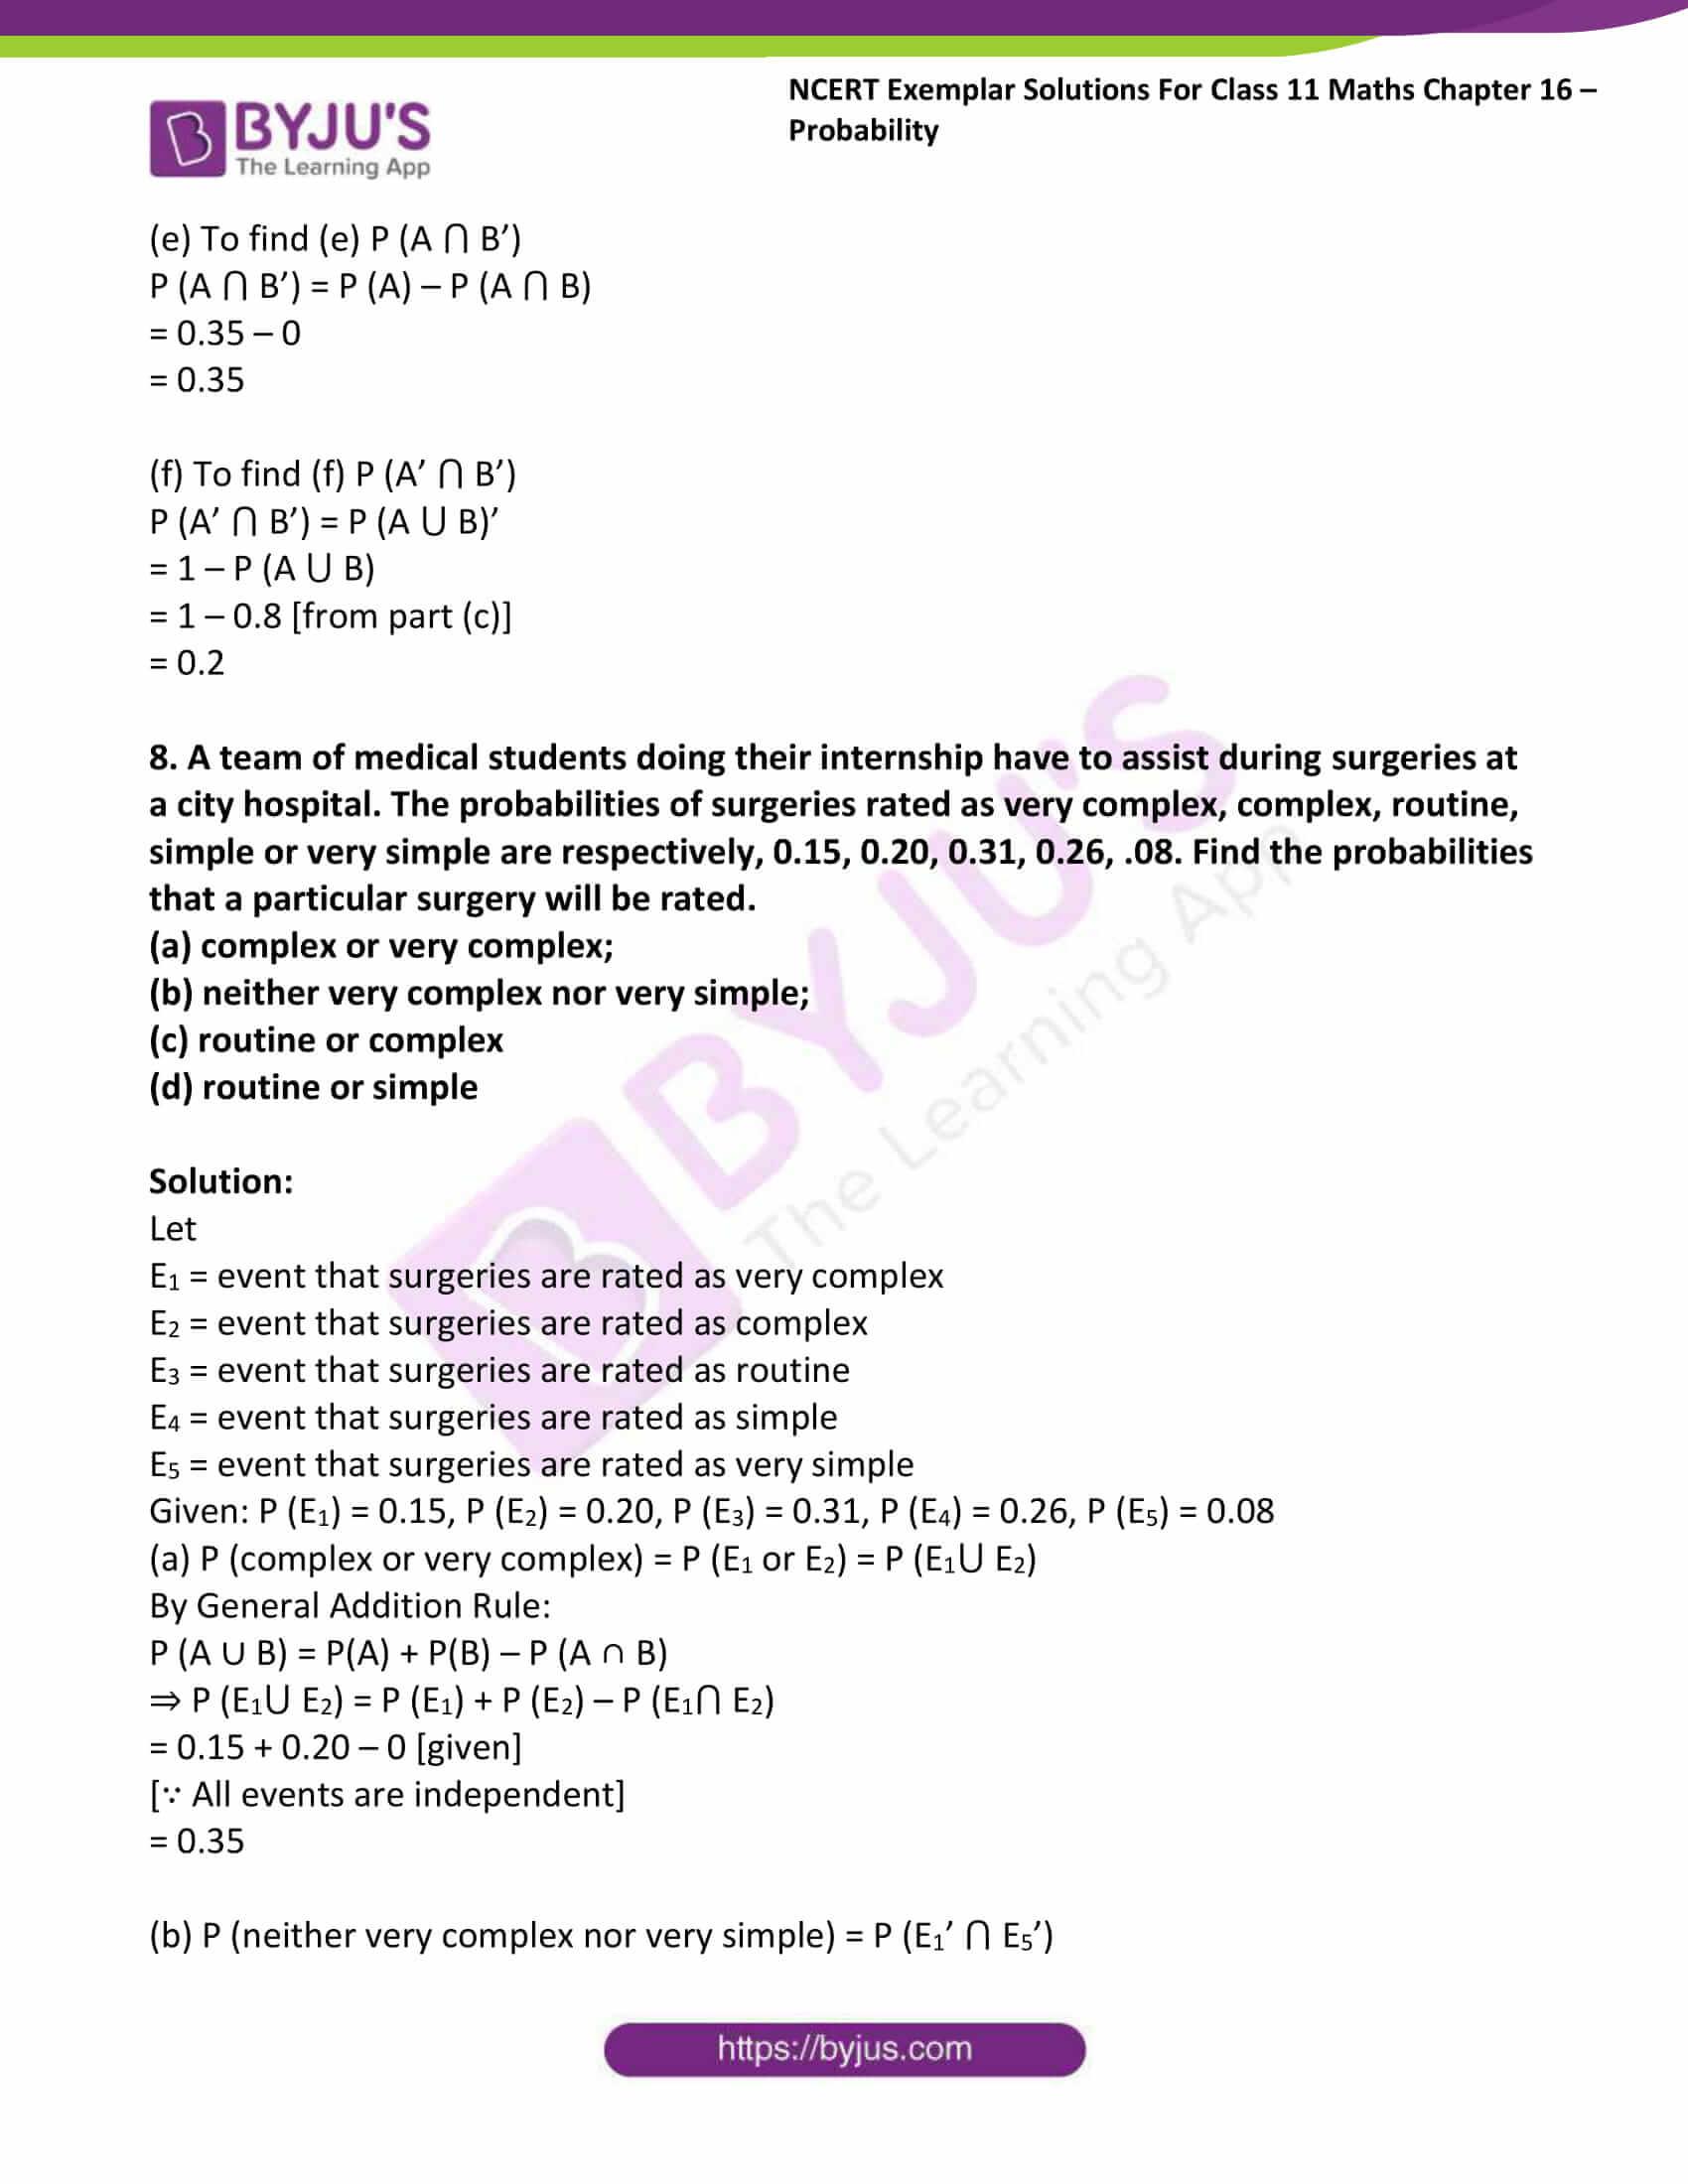 ncert exemplar sol class 11 maths chpt 16 probability 07